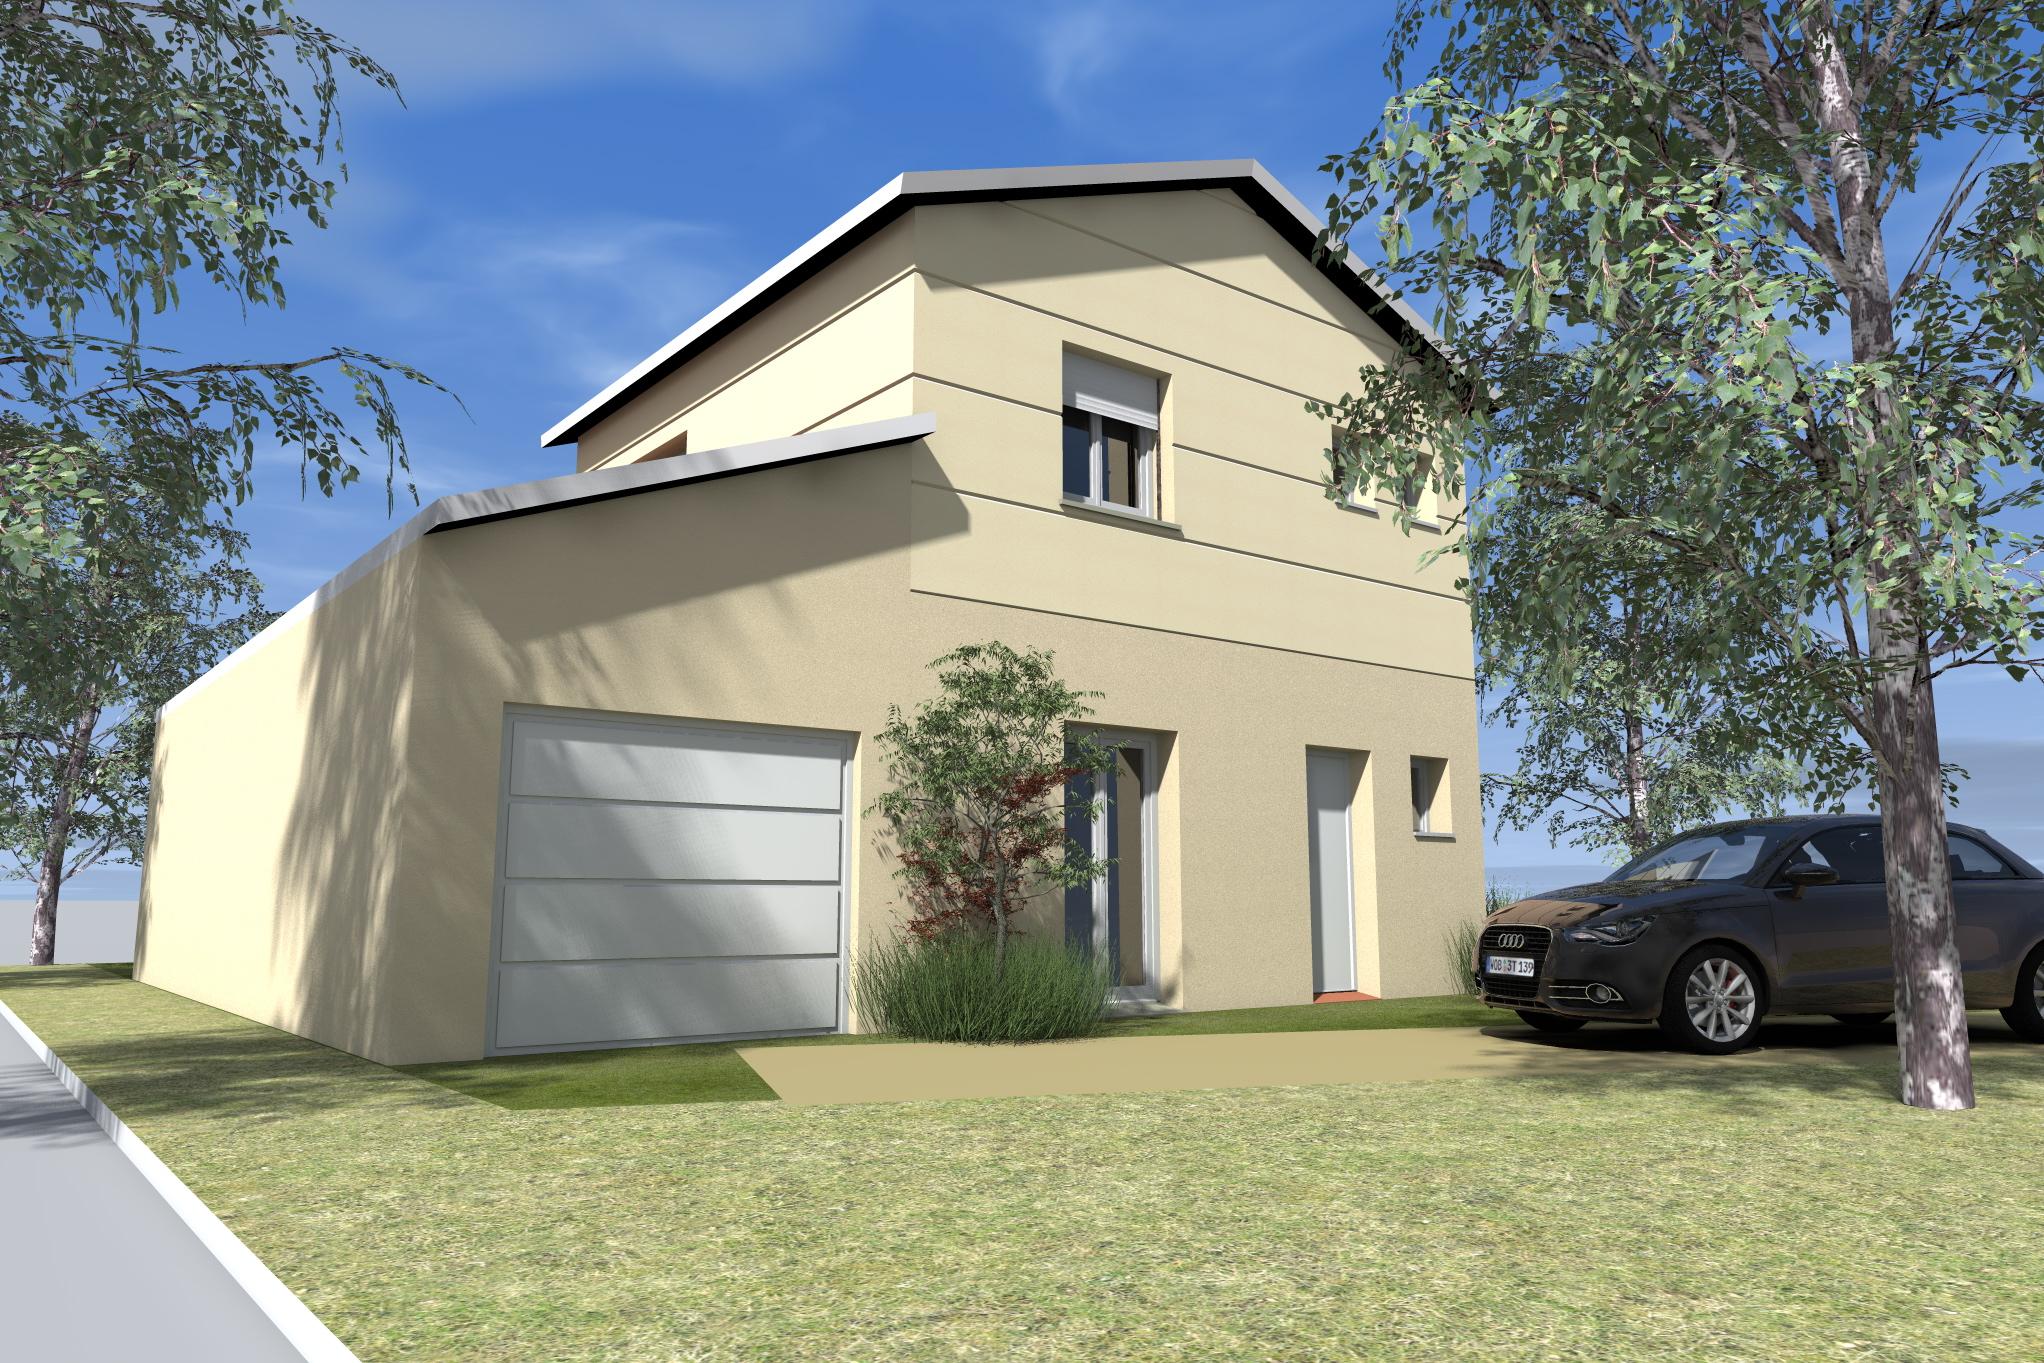 Maisons + Terrains du constructeur MAISON DU DAUPHINE • 84 m² • BEAUMONT MONTEUX